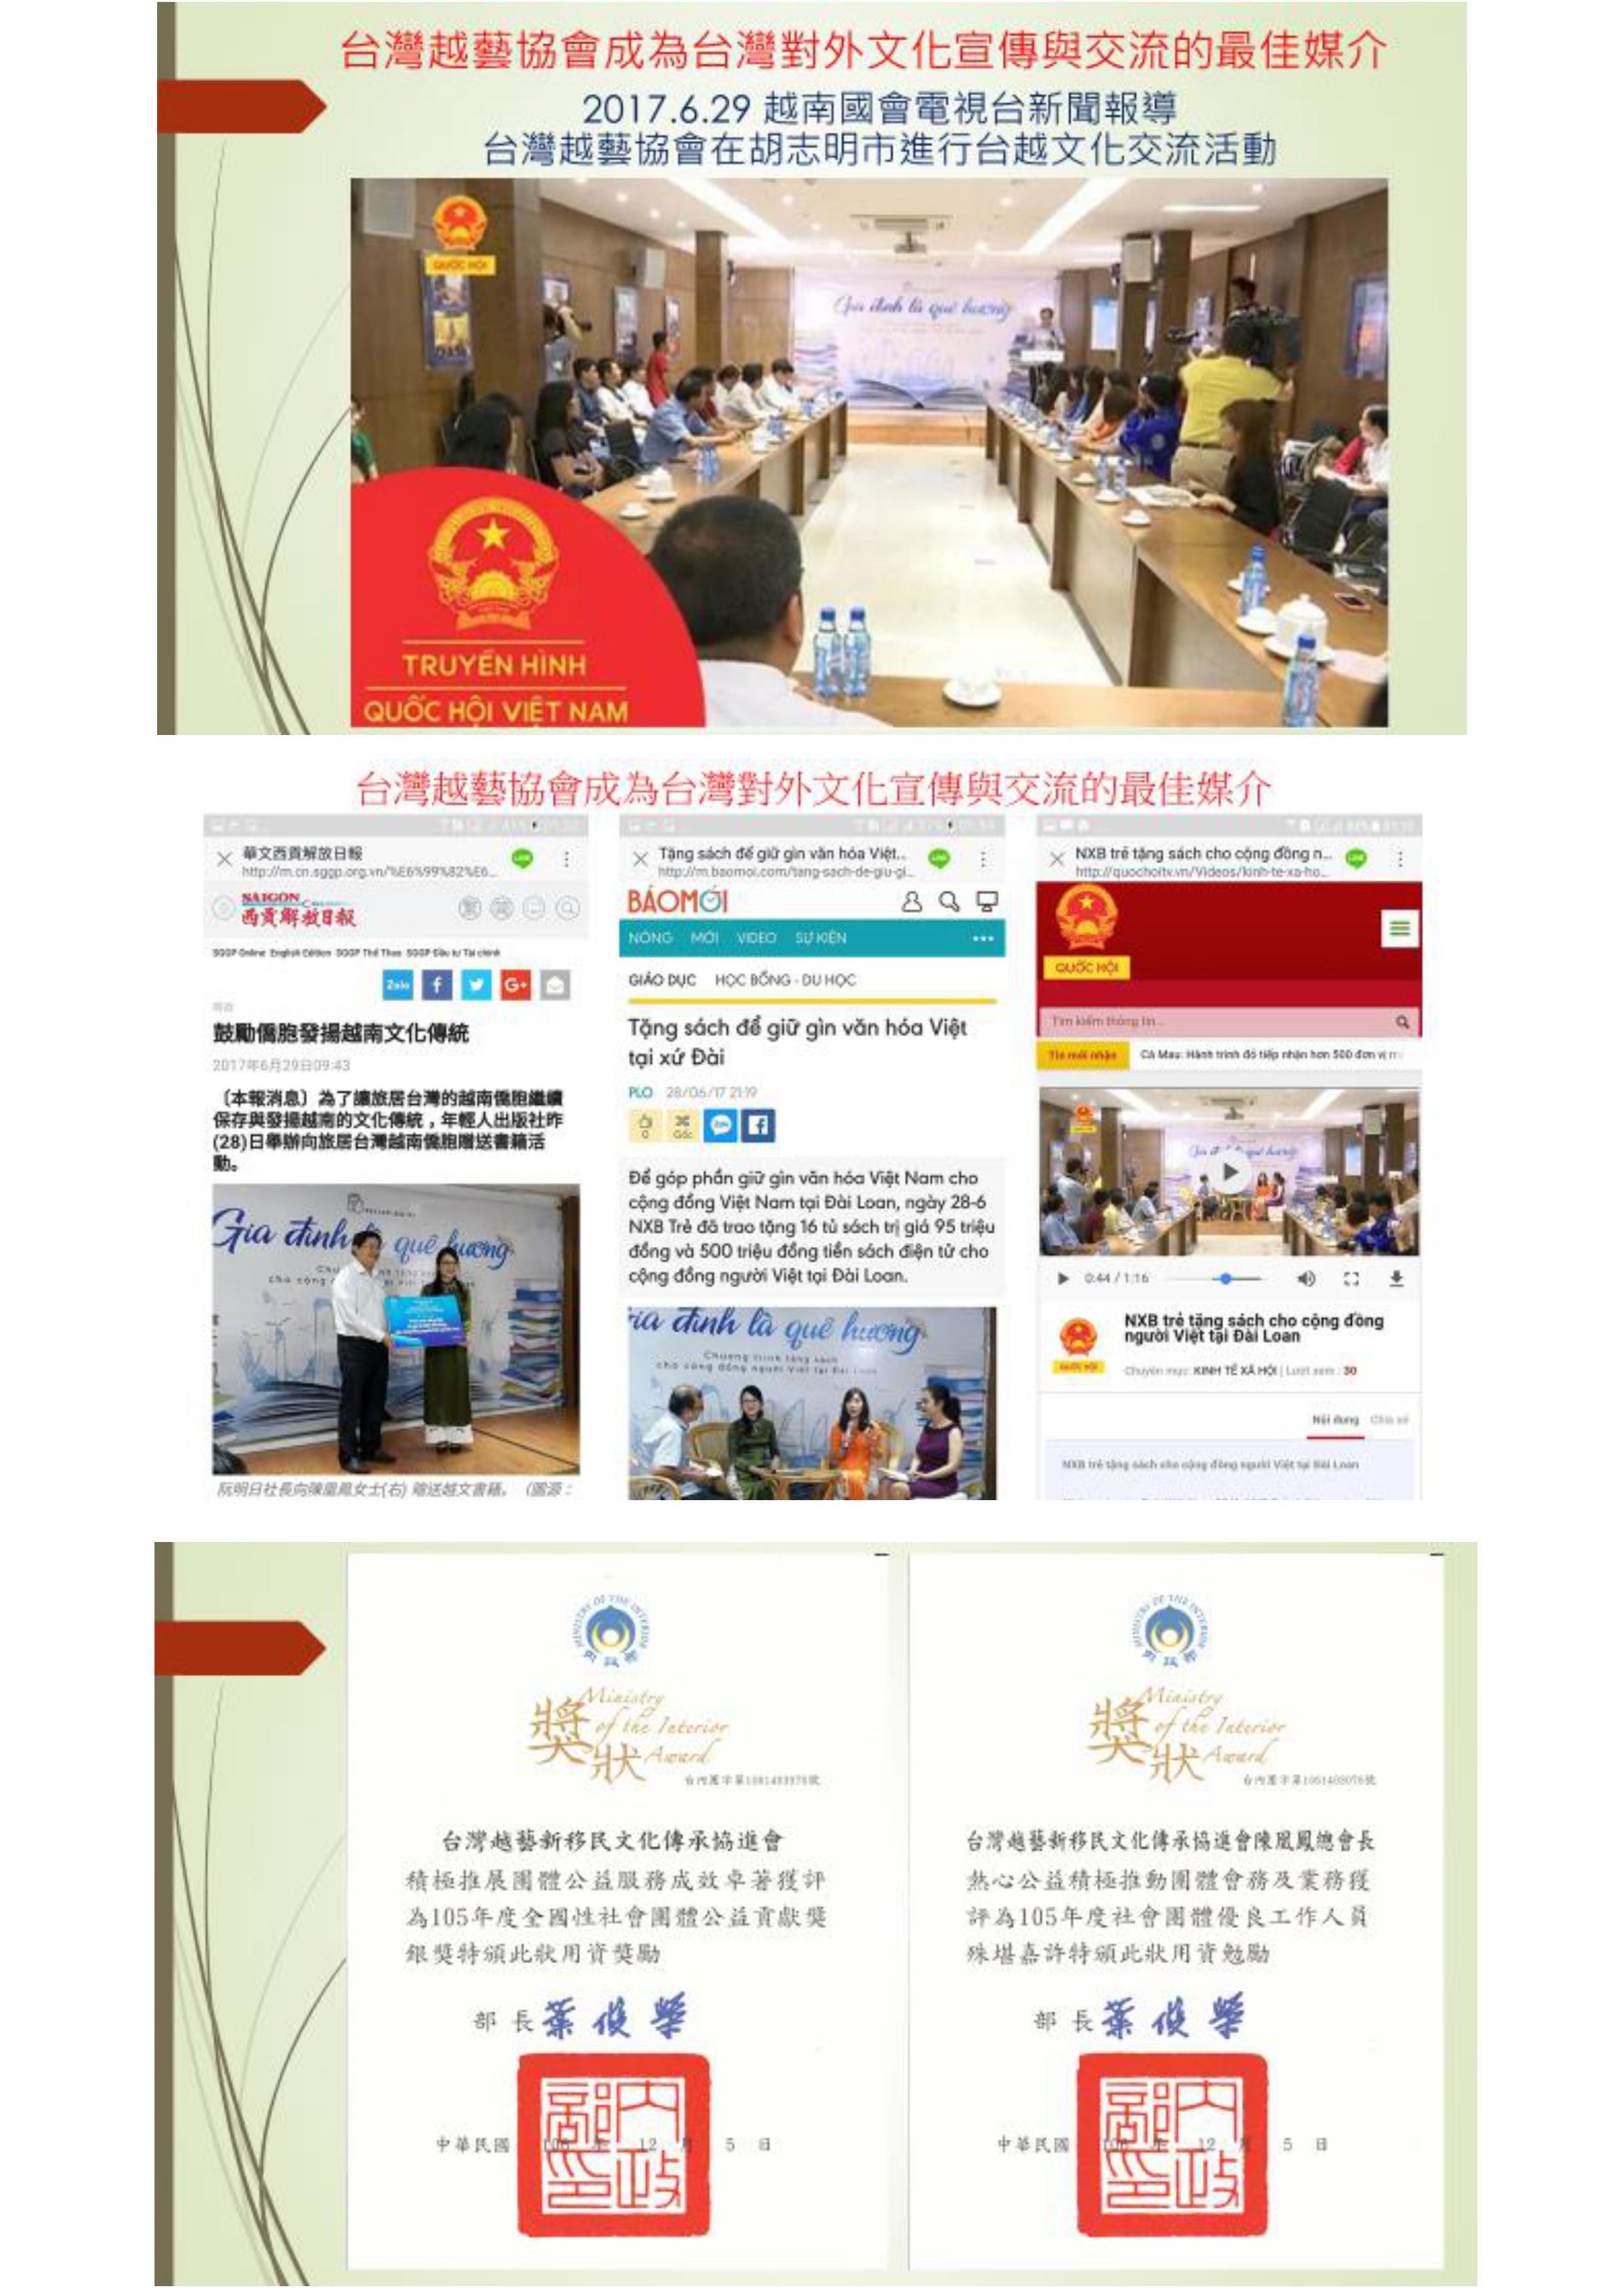 0009.jpg - 陳凰鳳與越藝之星-Ngôi sao Việt tại Đài Loan-NCTV台灣新住民媒體